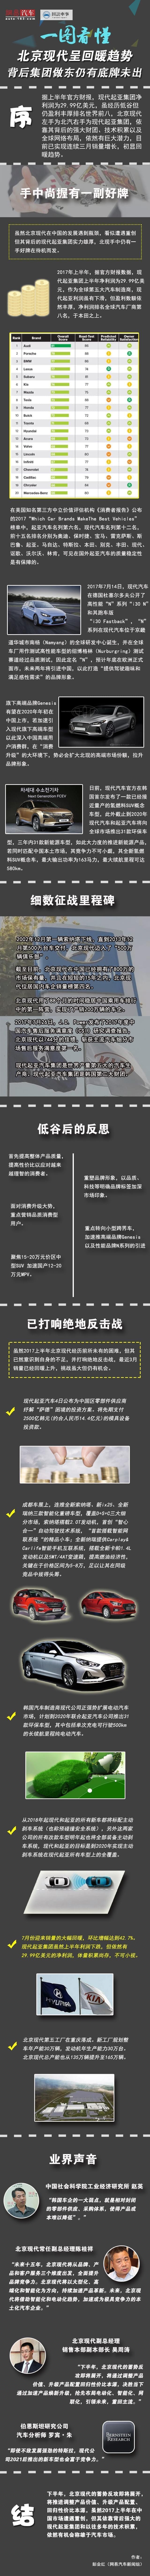 北京现代呈回暖趋势 背后集团做东仍有底牌